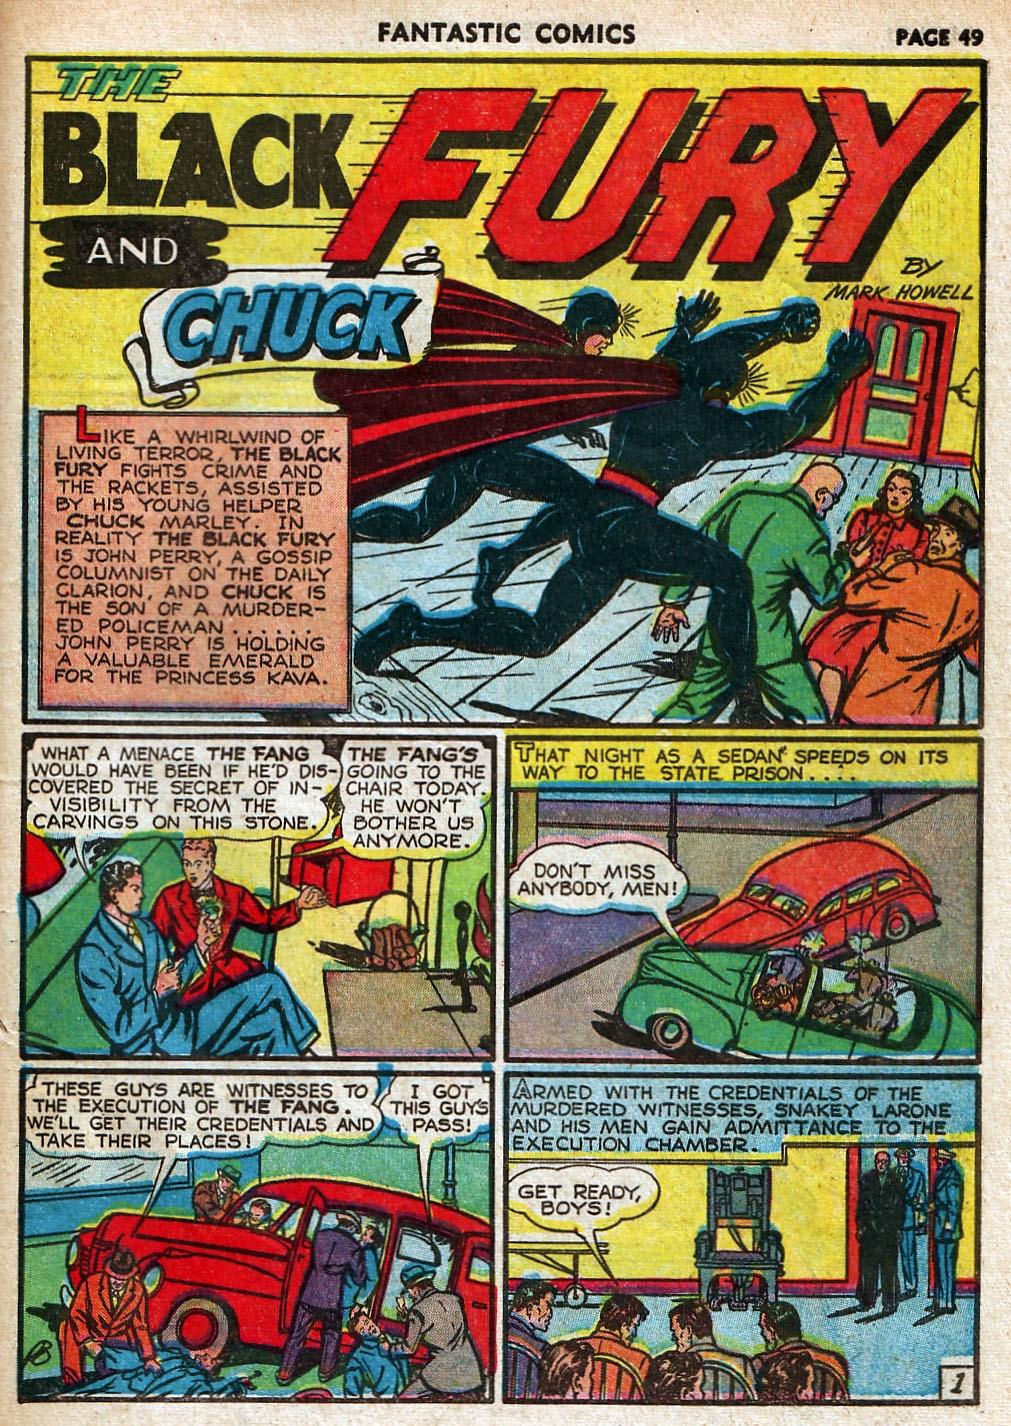 Read online Fantastic Comics comic -  Issue #18 - 51